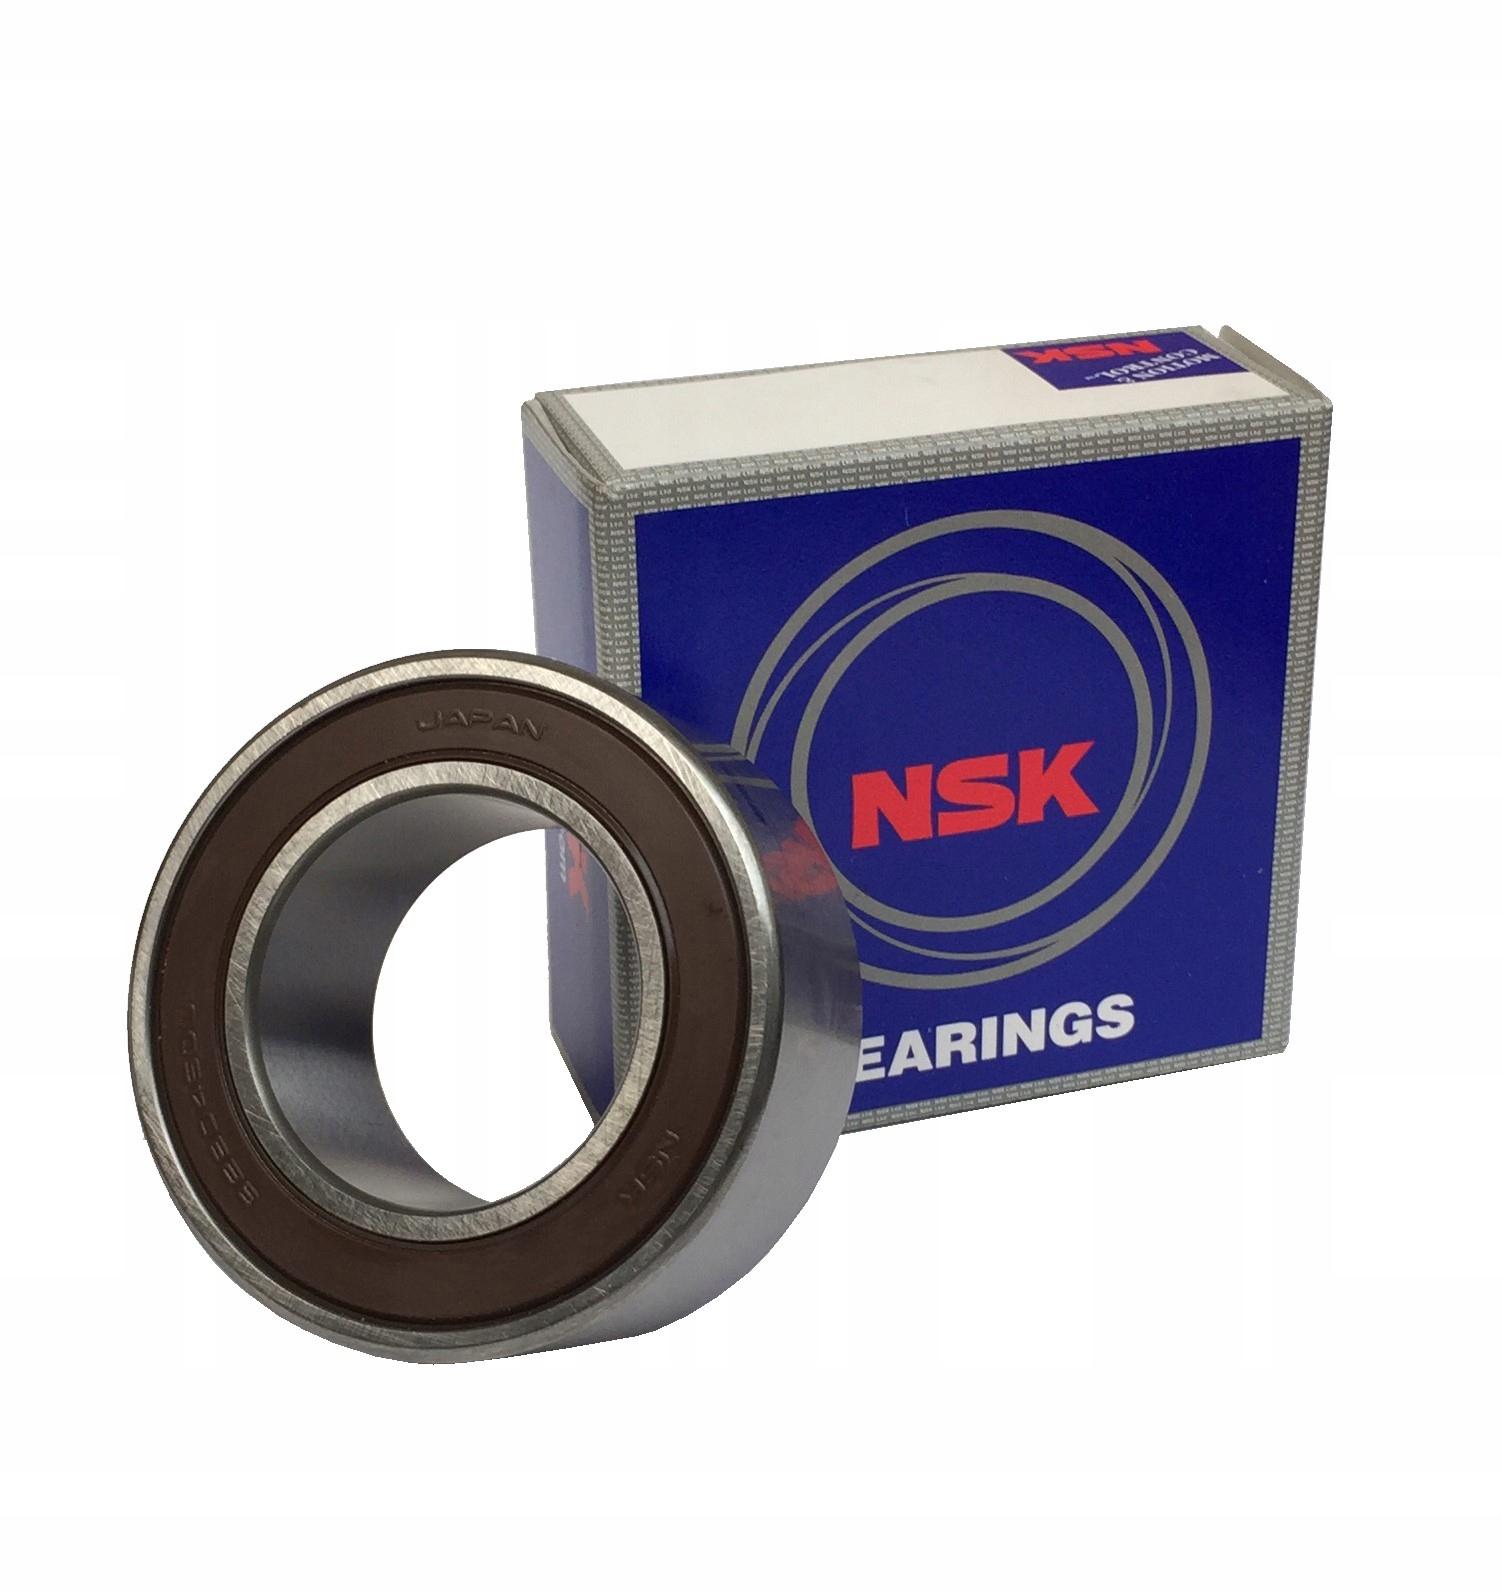 Подшипник кондиционирования воздуха nsk 32 x 55 x 23 - 32bd45